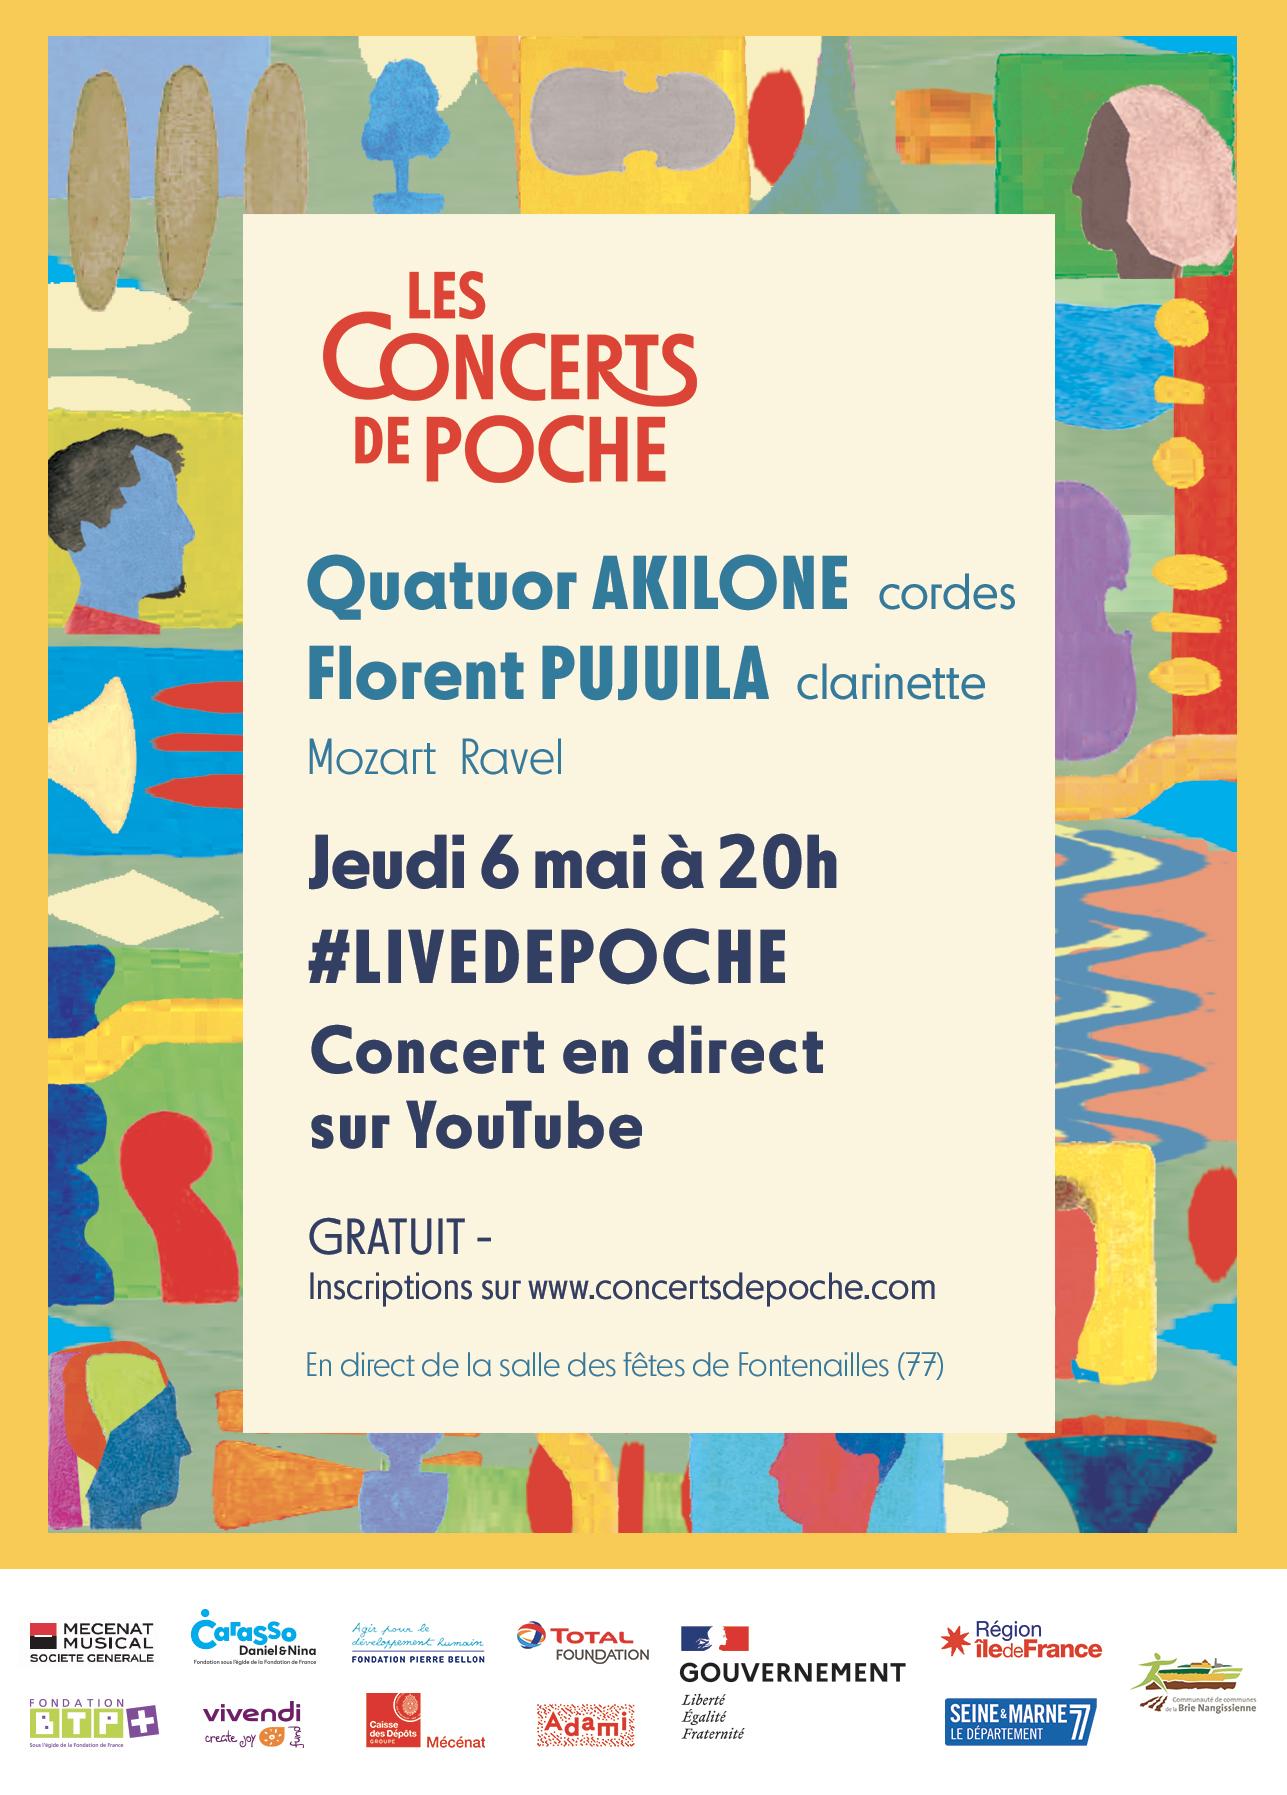 Concert de poche 6 mai - Affiche